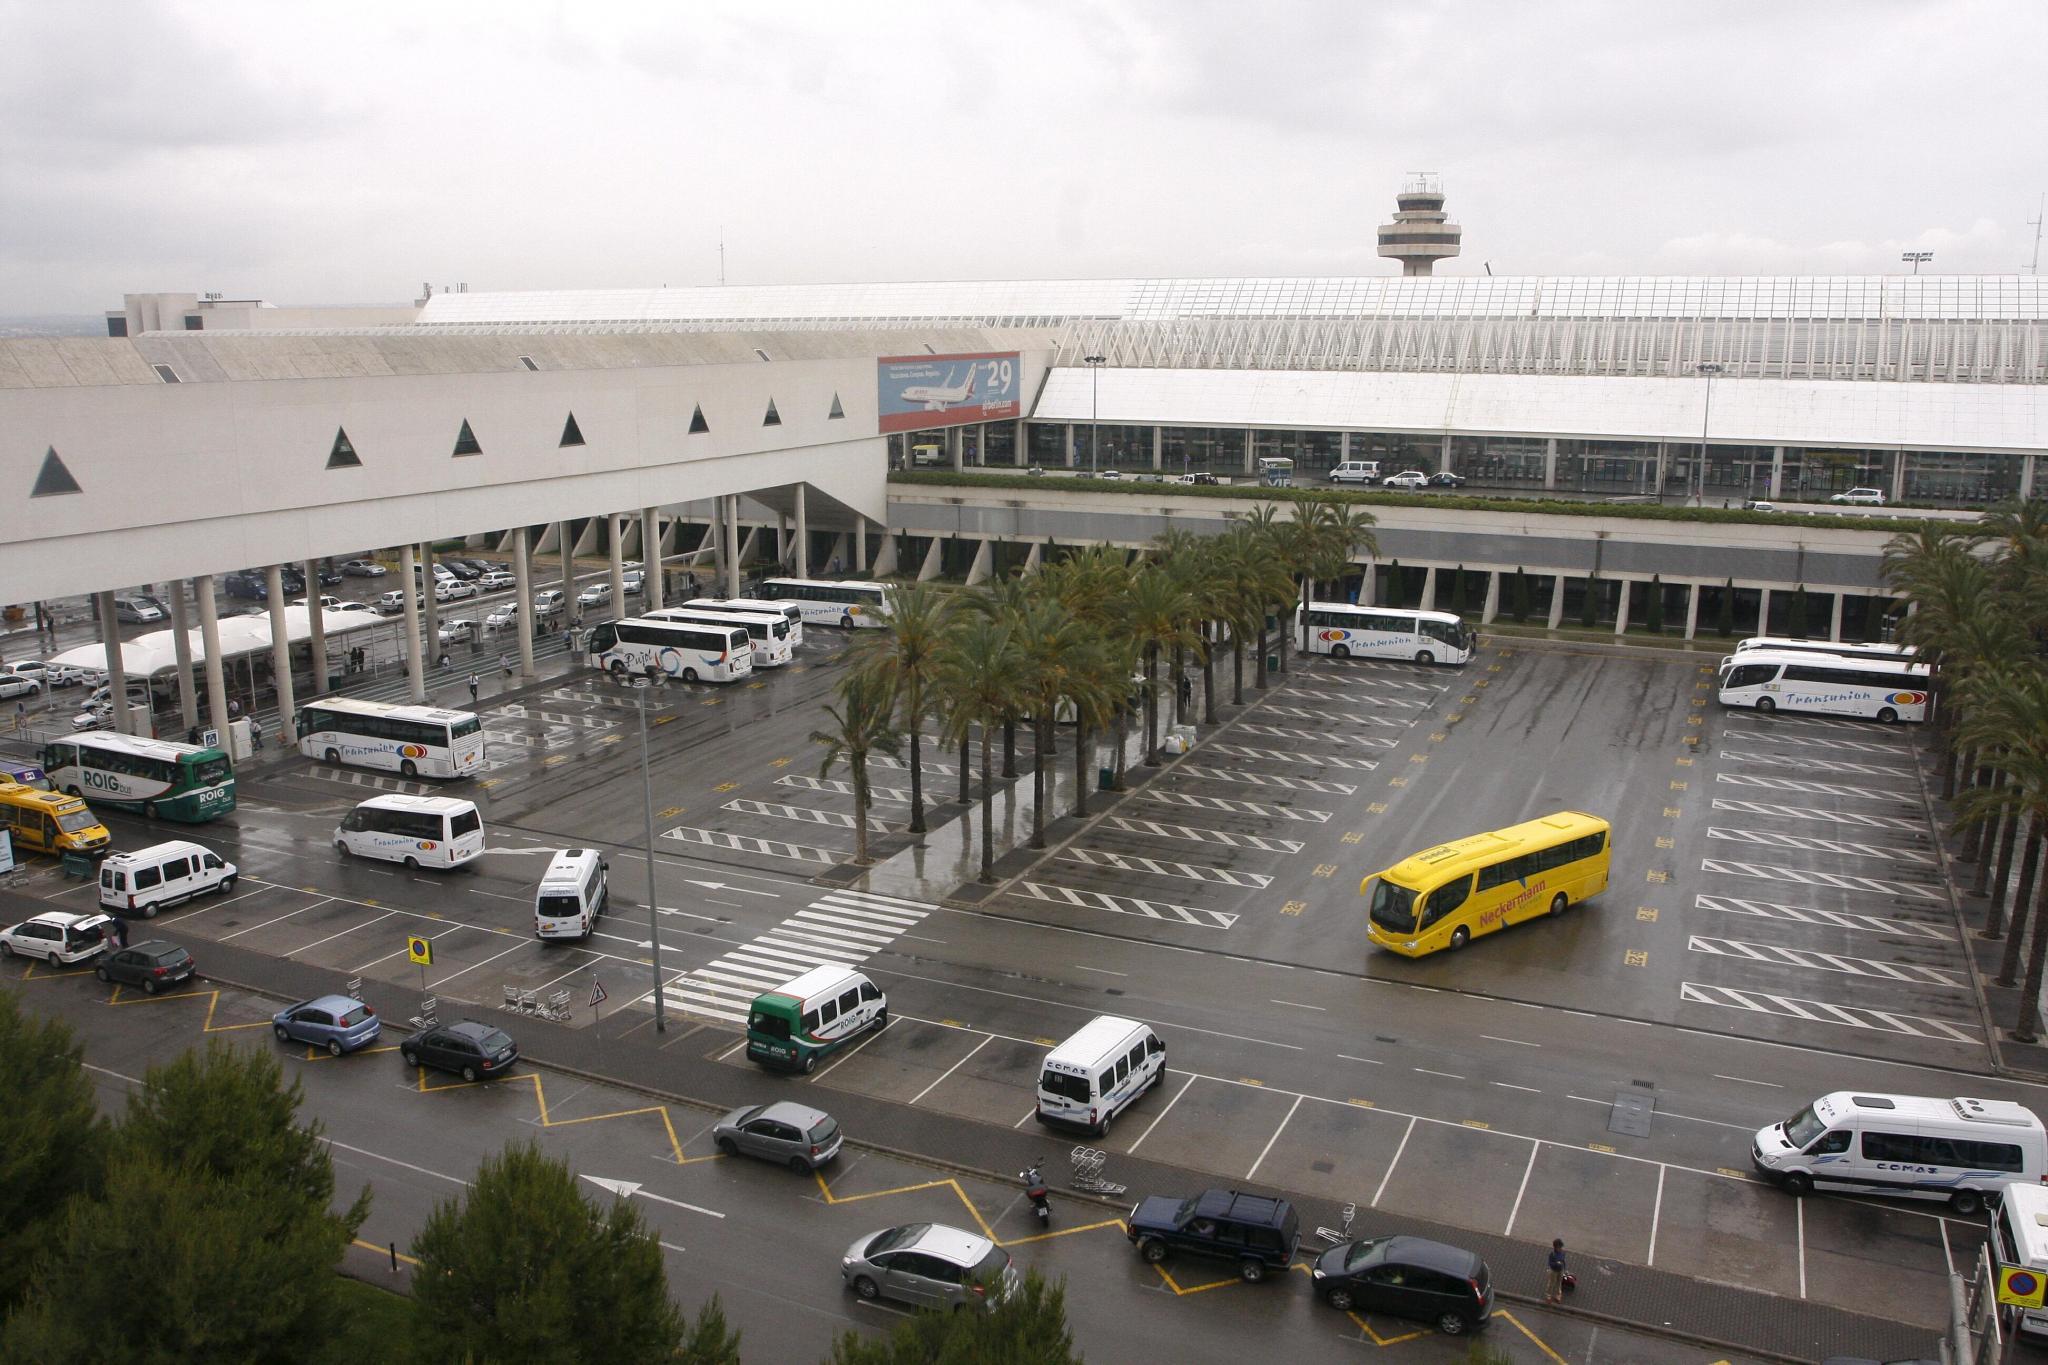 Aeropuerto de palma aeropuertos transportes gu a - Transportes palma de mallorca ...